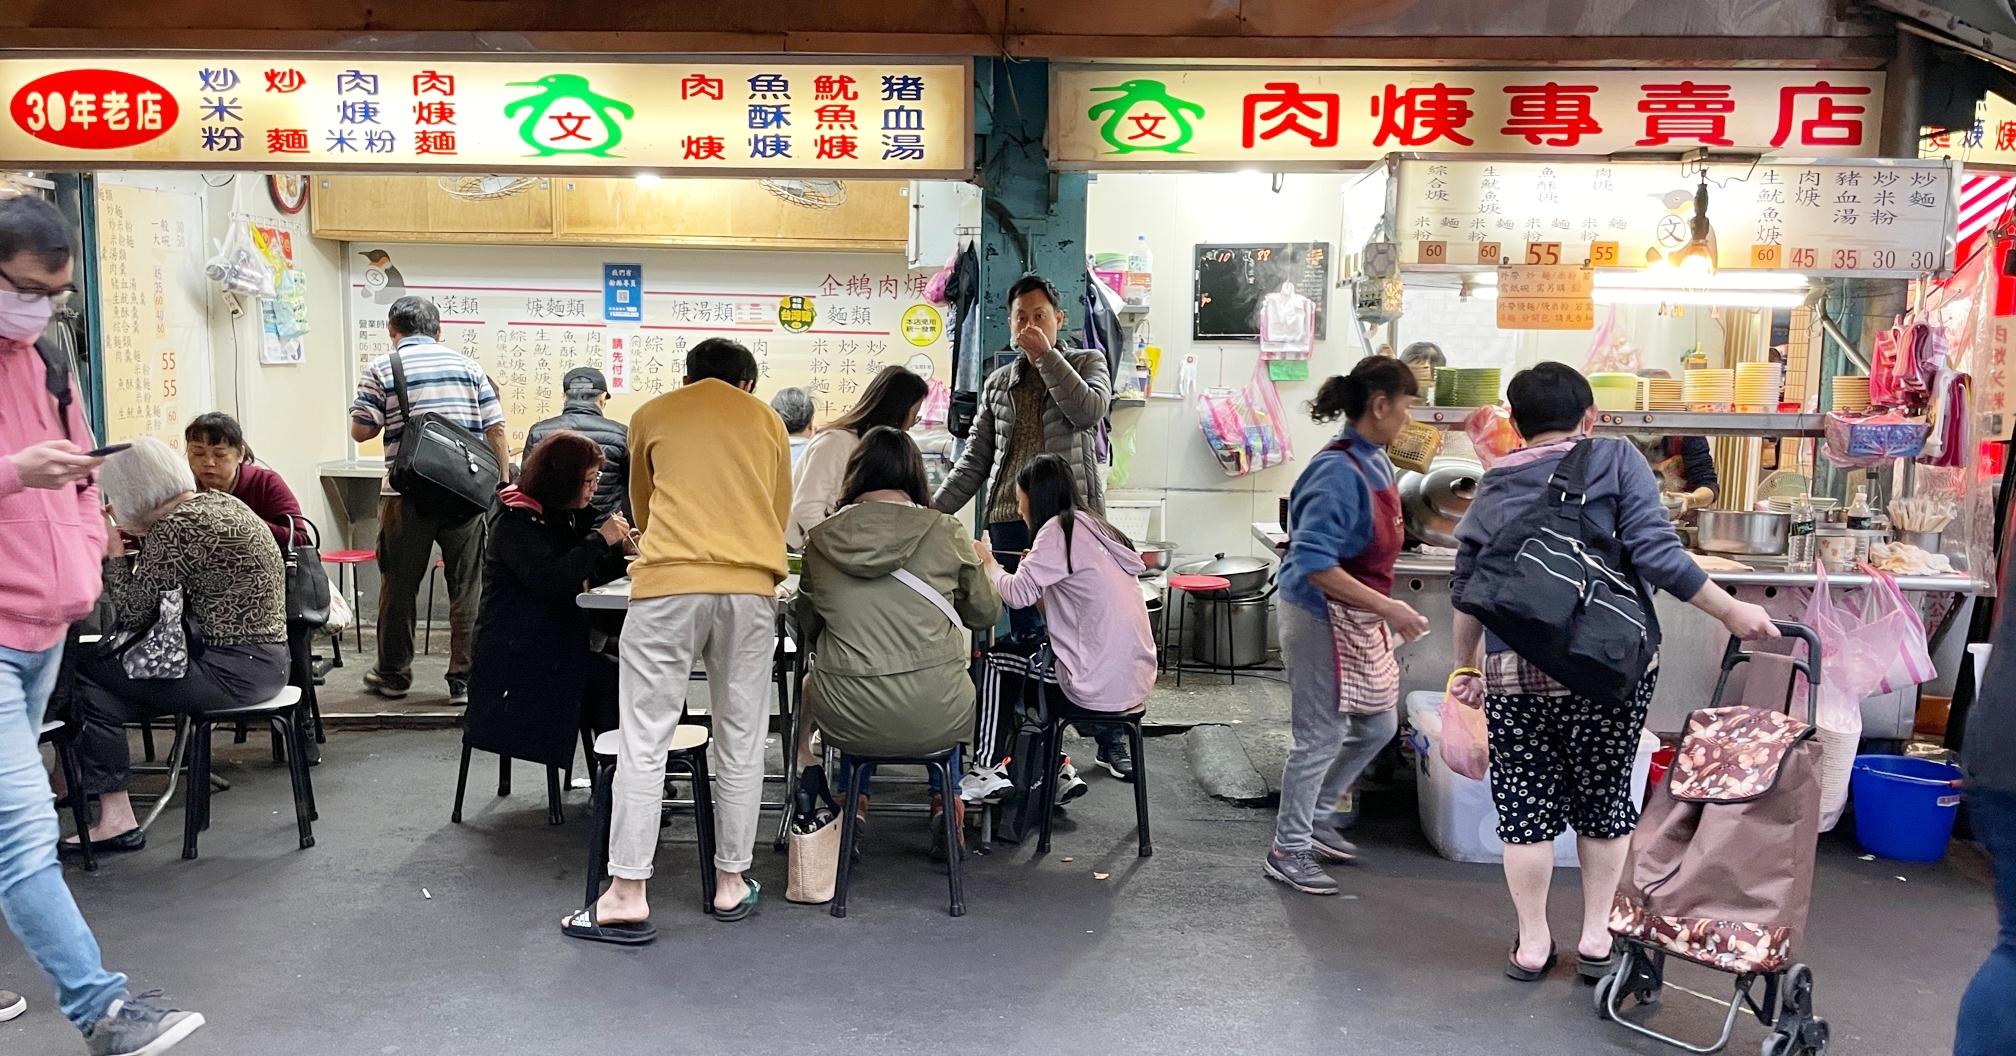 即時熱門文章:【雙連美食】企鵝文肉羹店,30年台北肉羹老店(菜單)